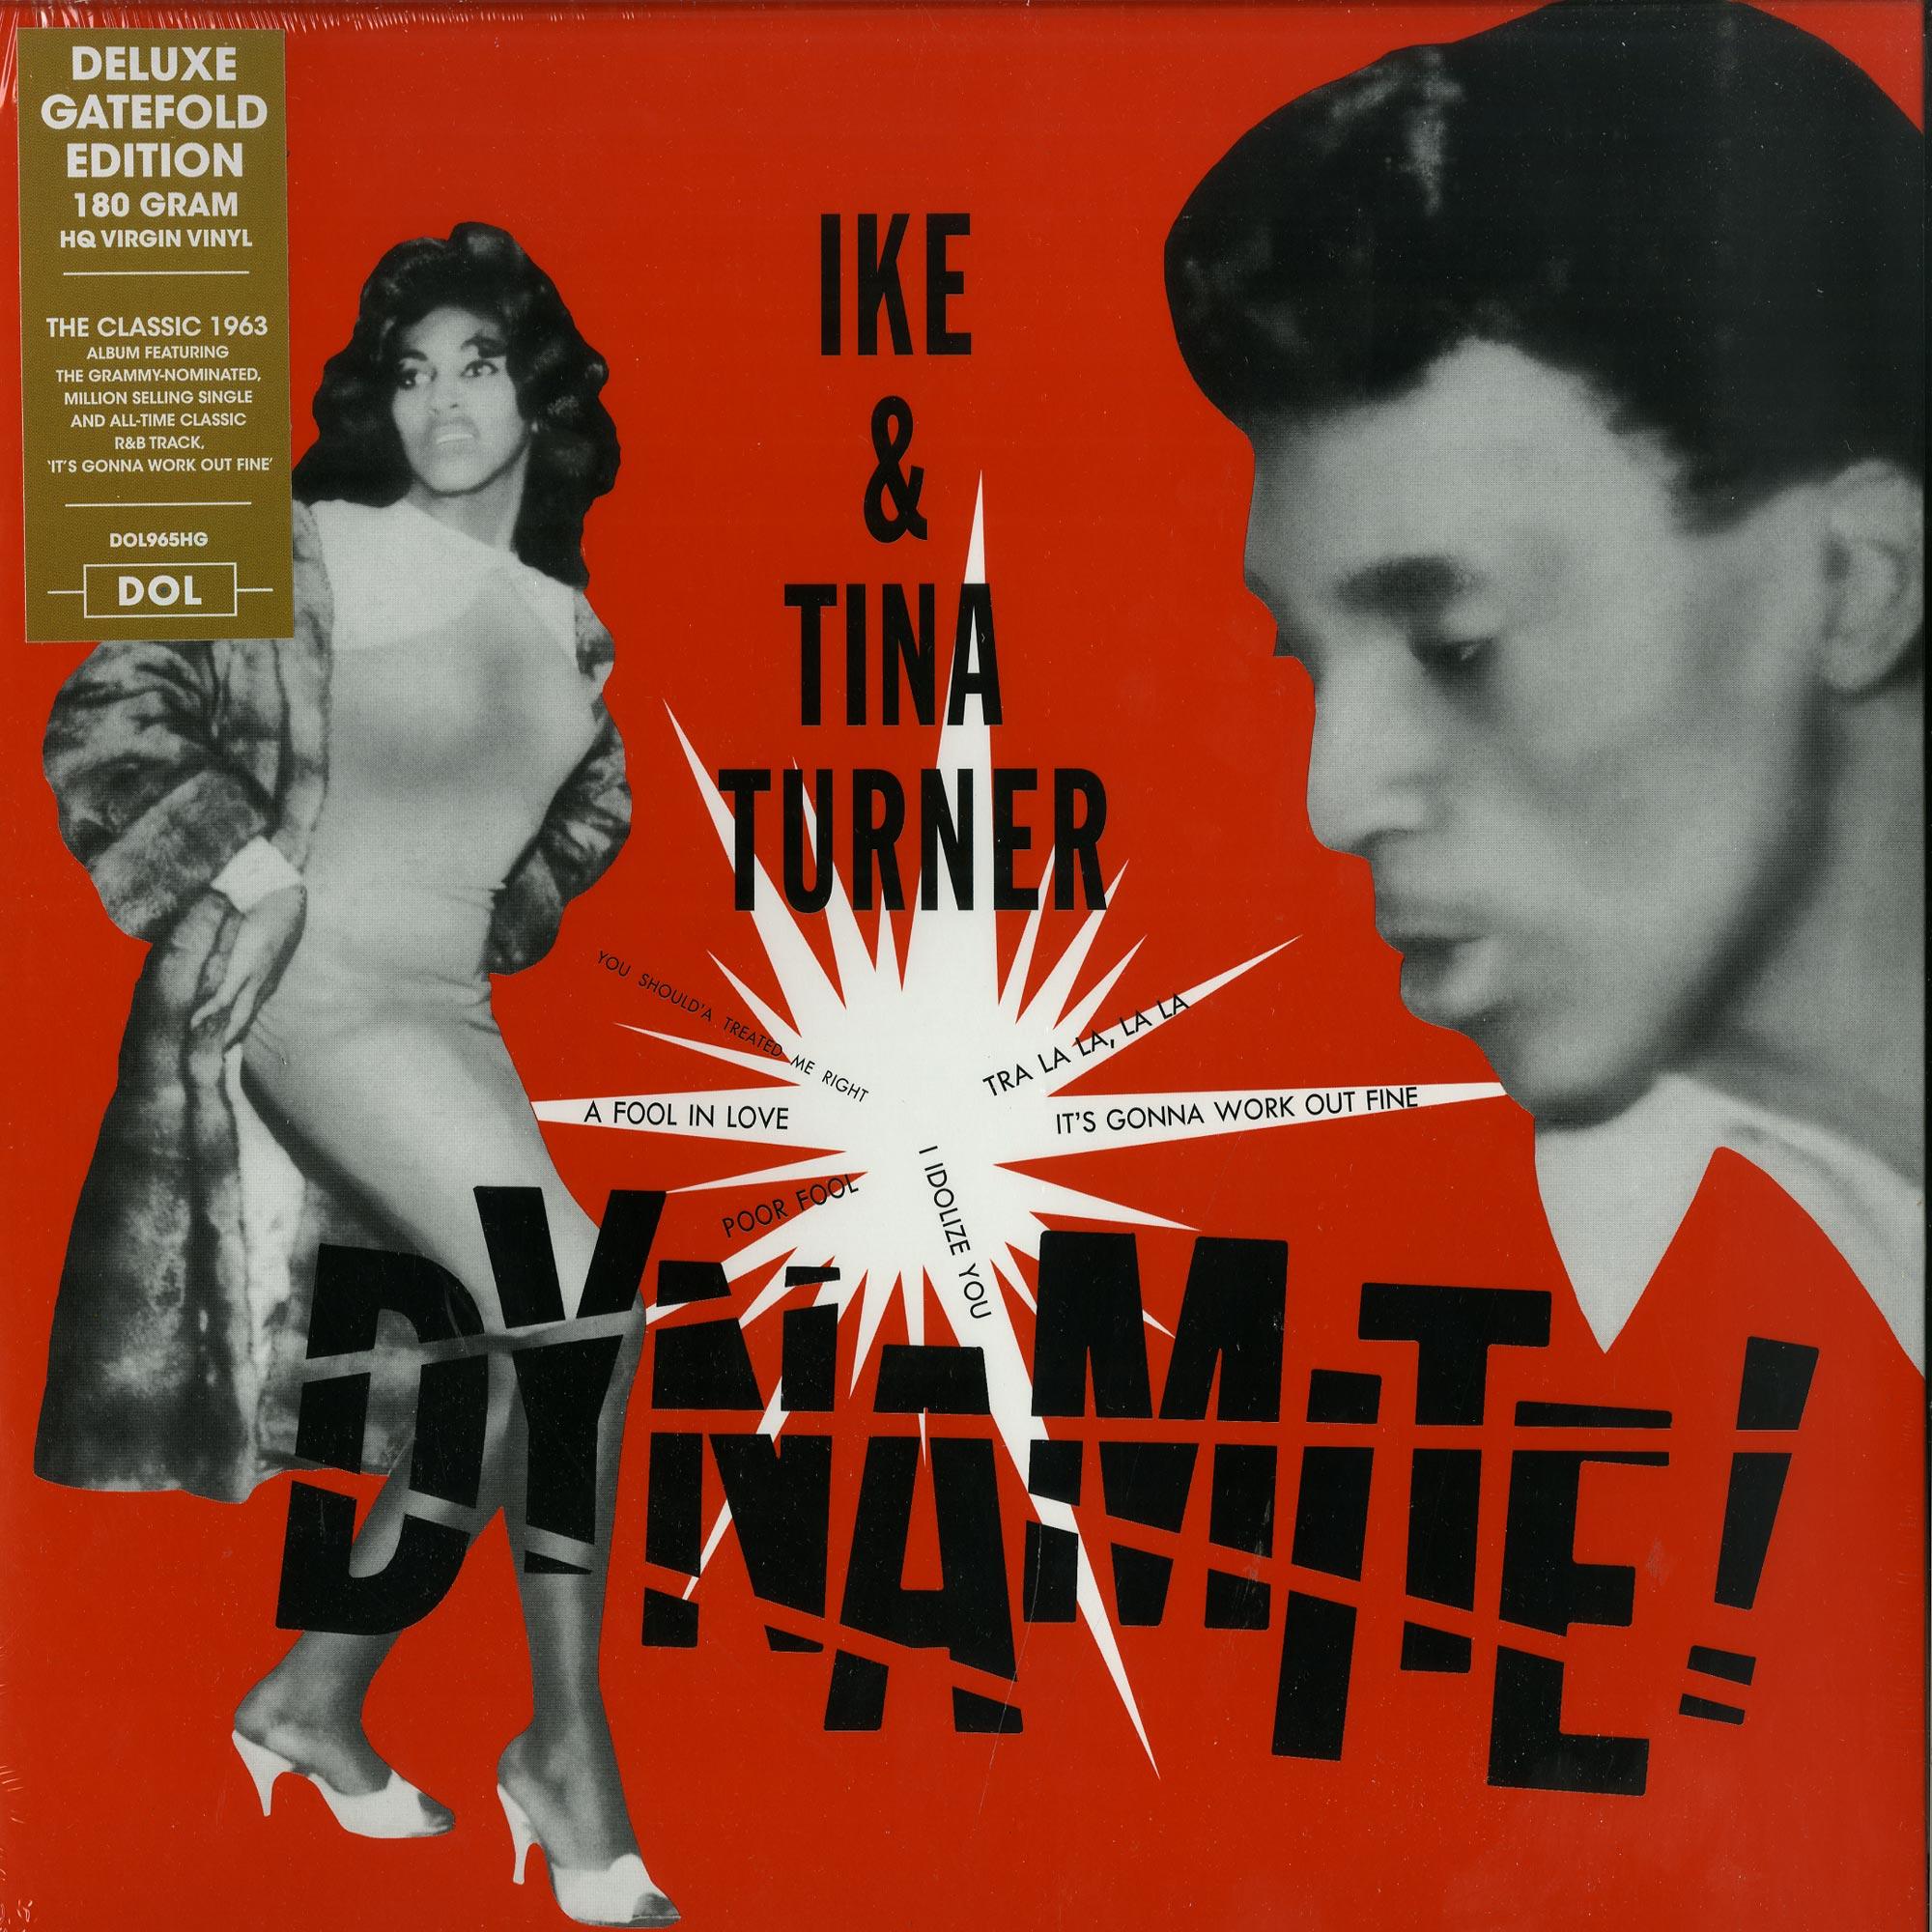 Ike & Tina Turner - DYNAMITE!